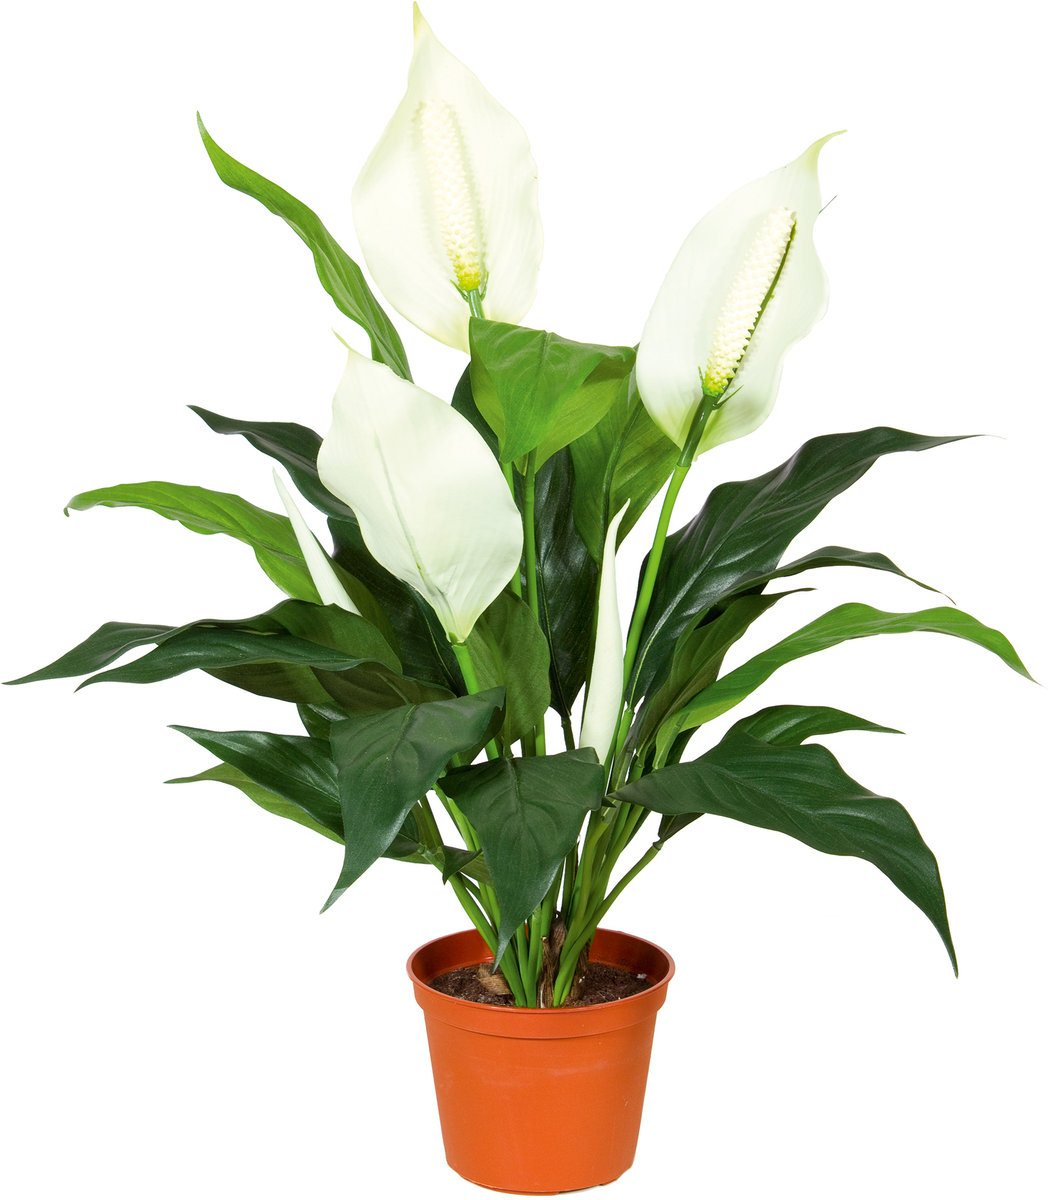 ოთახის მცენარე სპატიფილიუმი